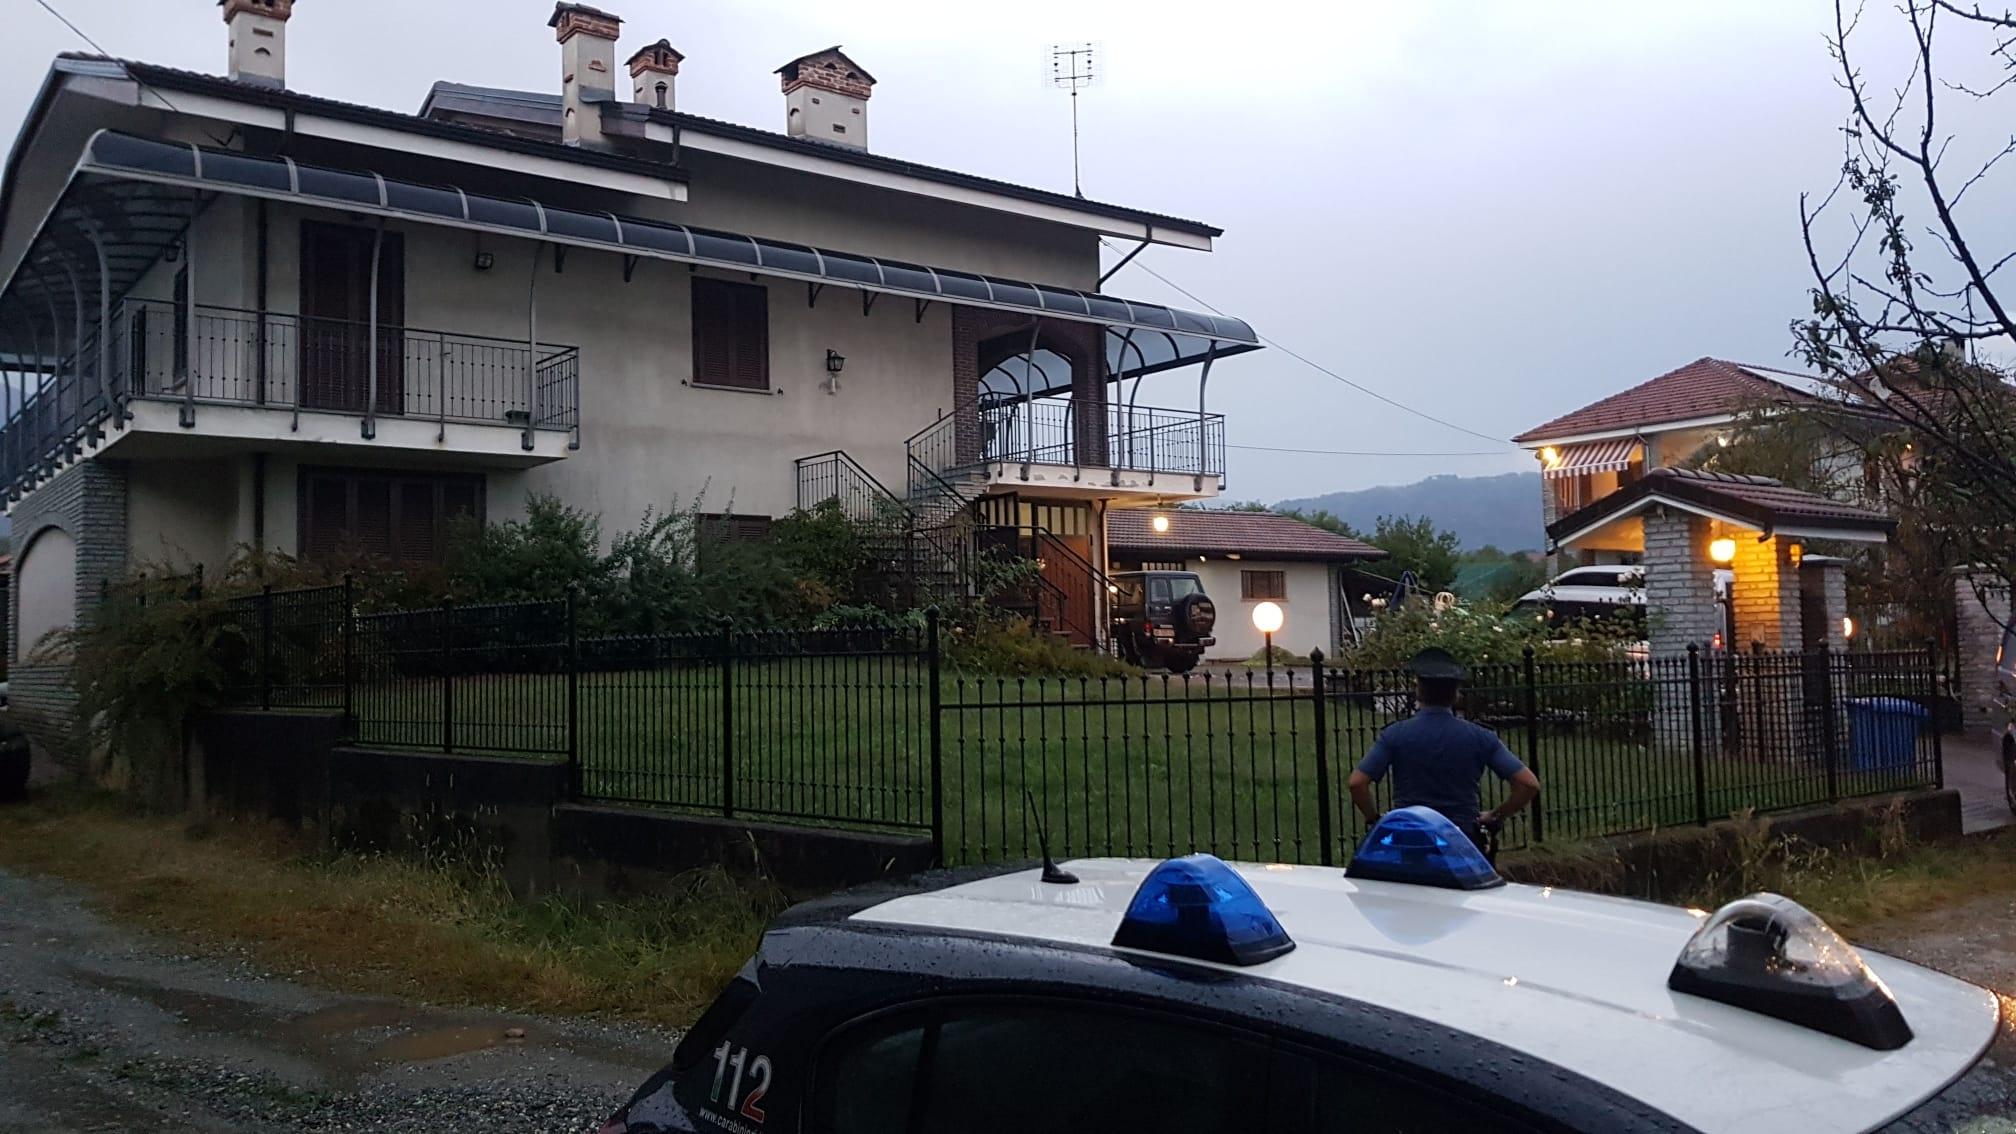 TRAGEDIA A RIVARA - Padre prende la pistola e uccide il figlio di 11 anni. Poi si spara - FOTO E VIDEO